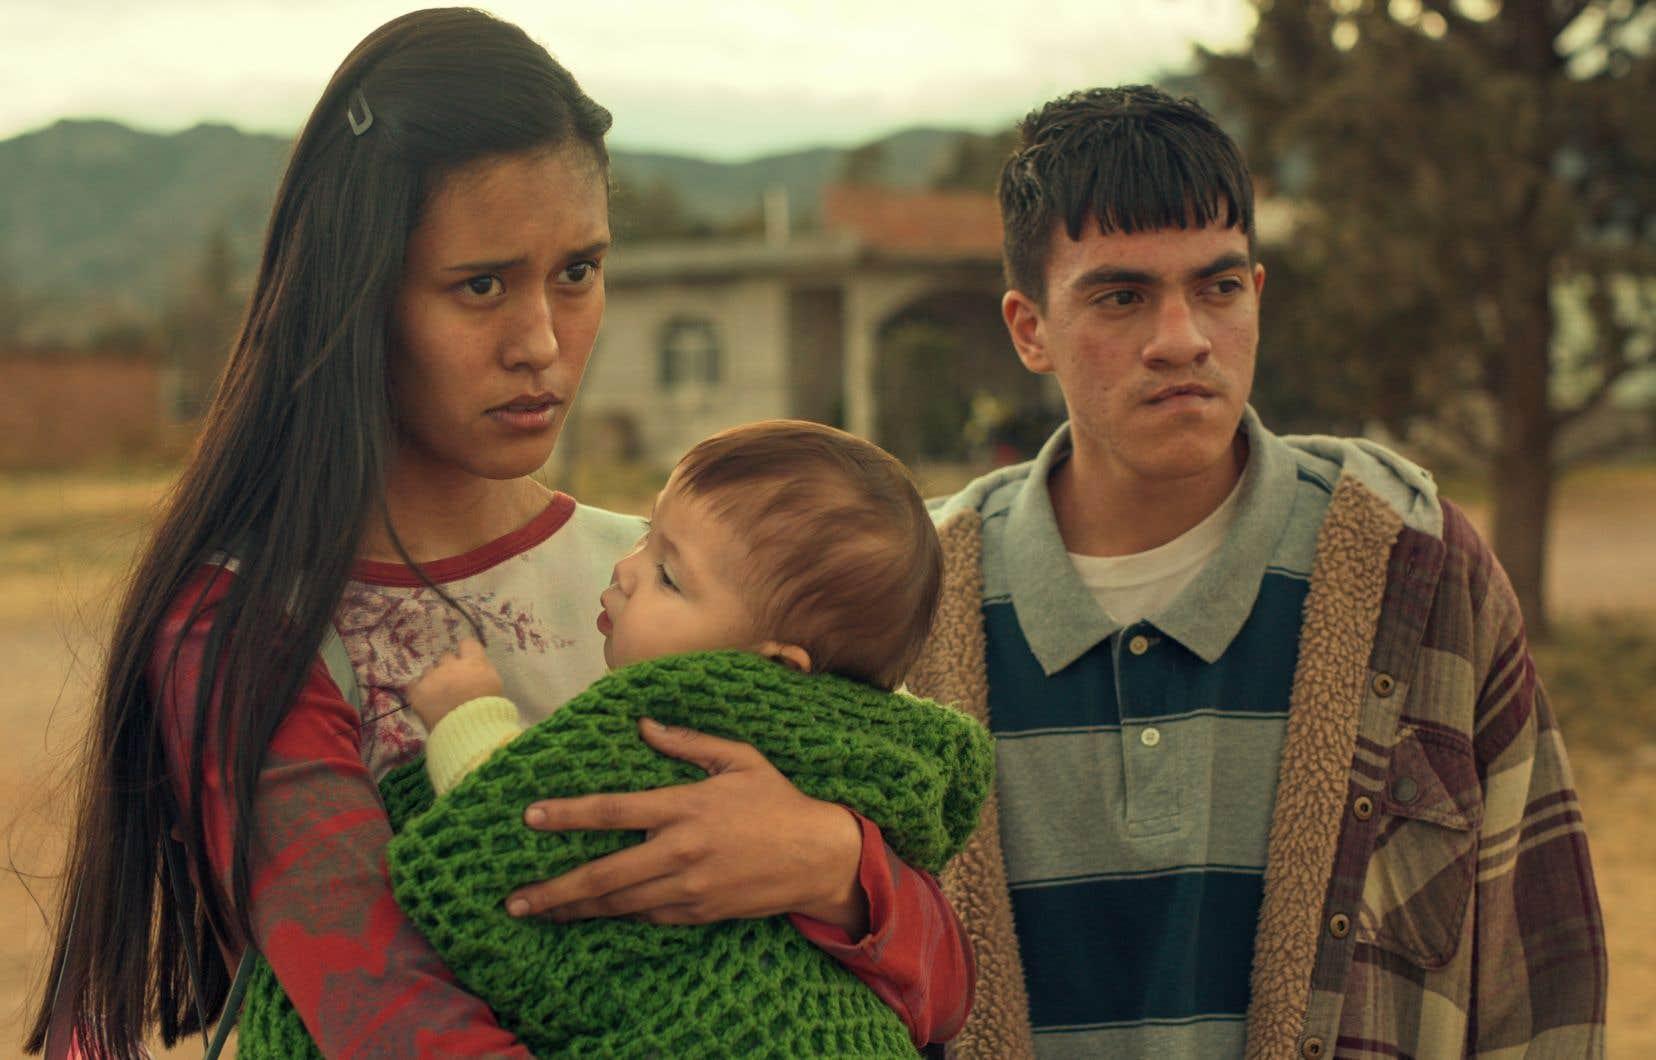 Les acteurs Natalia Martinez (Aracely) et Jesus Sida (Paquito) de la série «Somos».